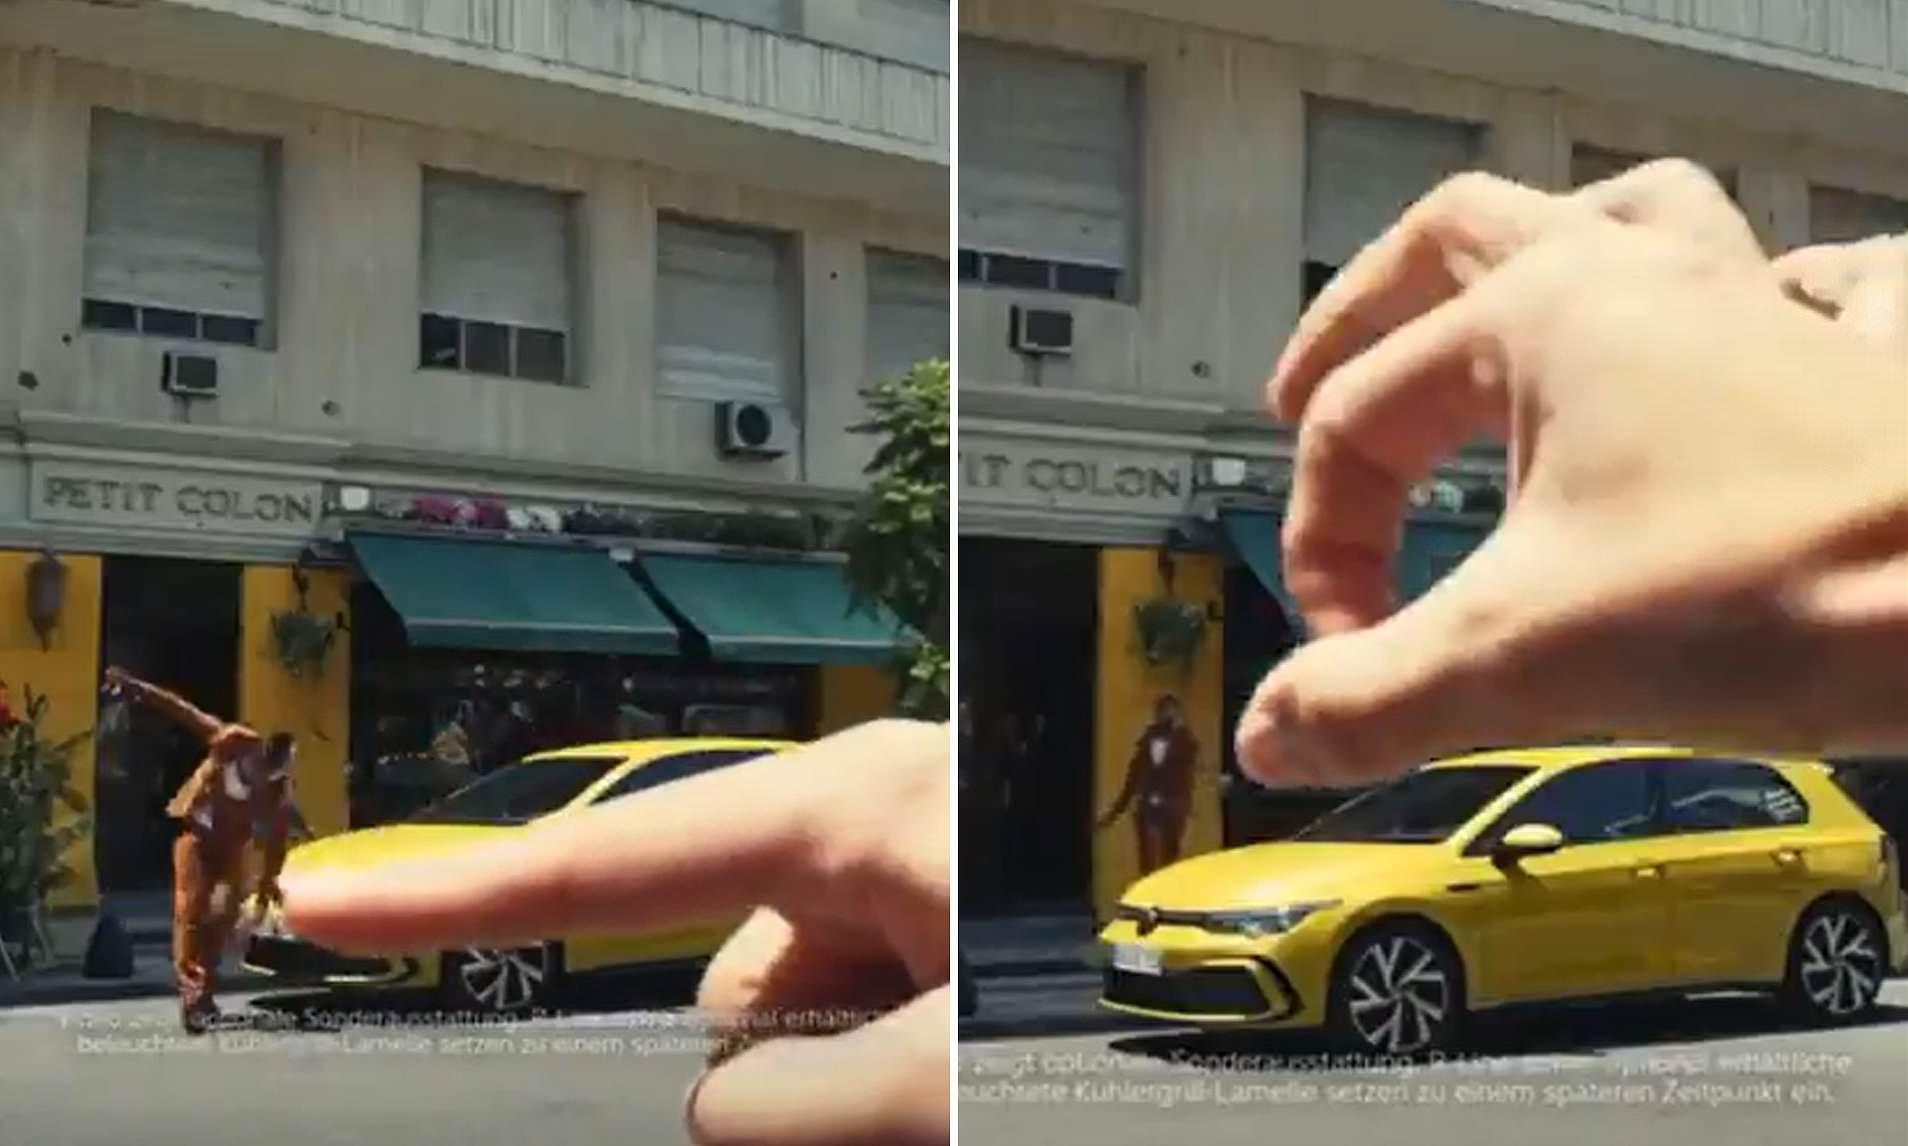 volkswagen's racist ad